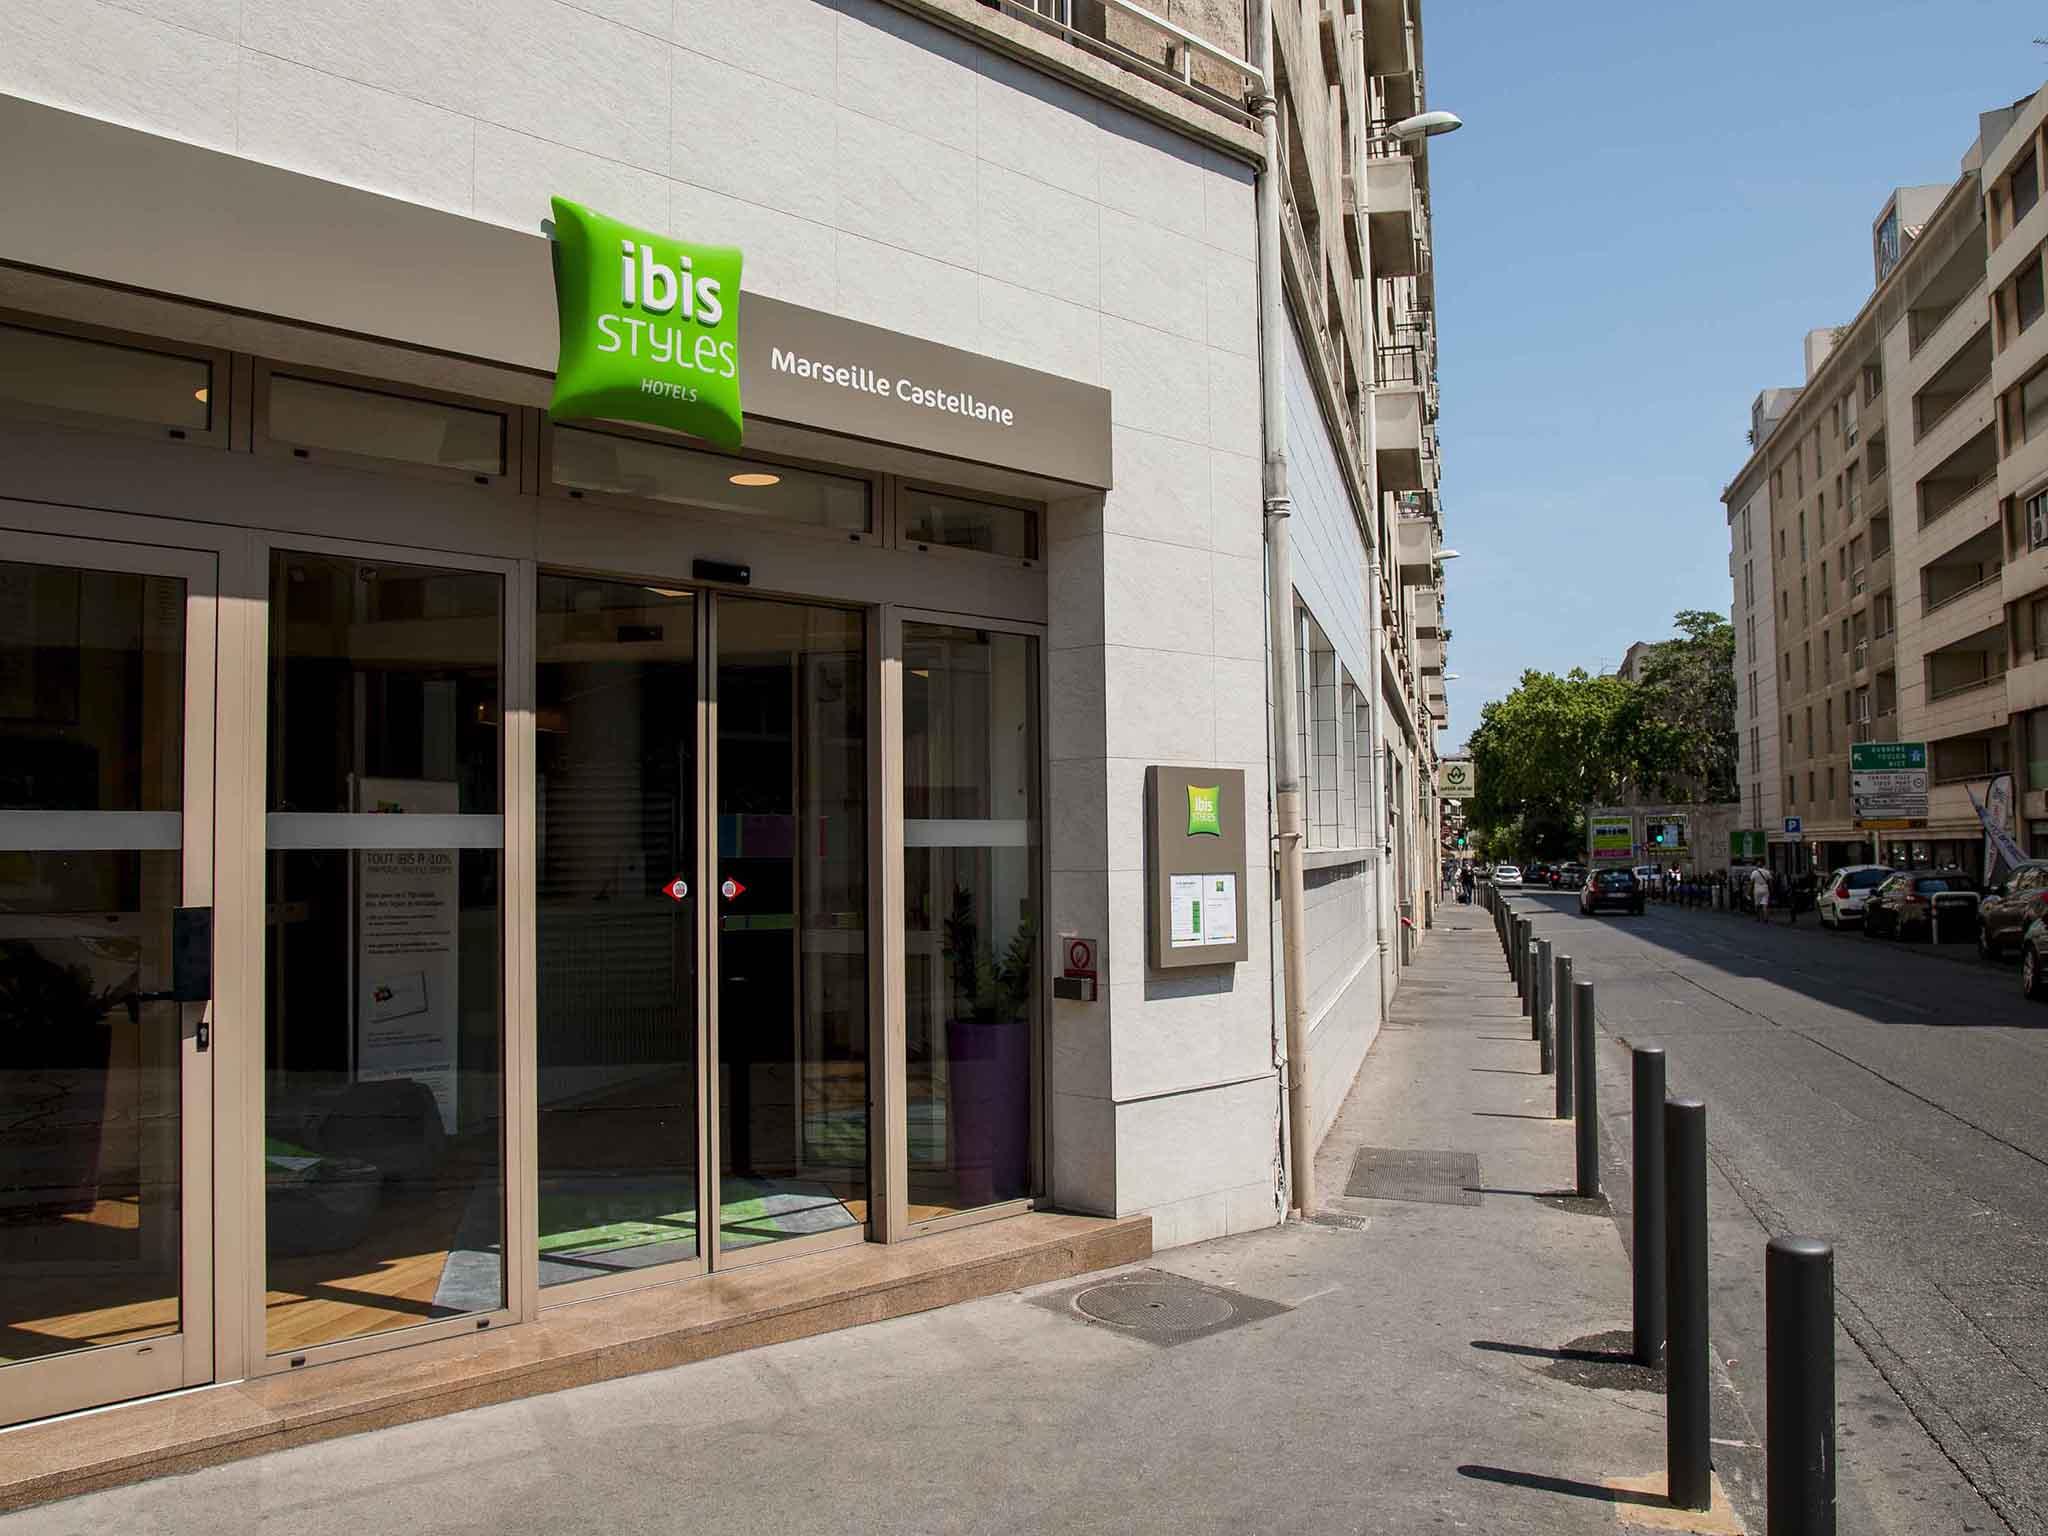 Darty Castellane Marseille #5: ... Hotel - Ibis Styles Marseille Castellane ...